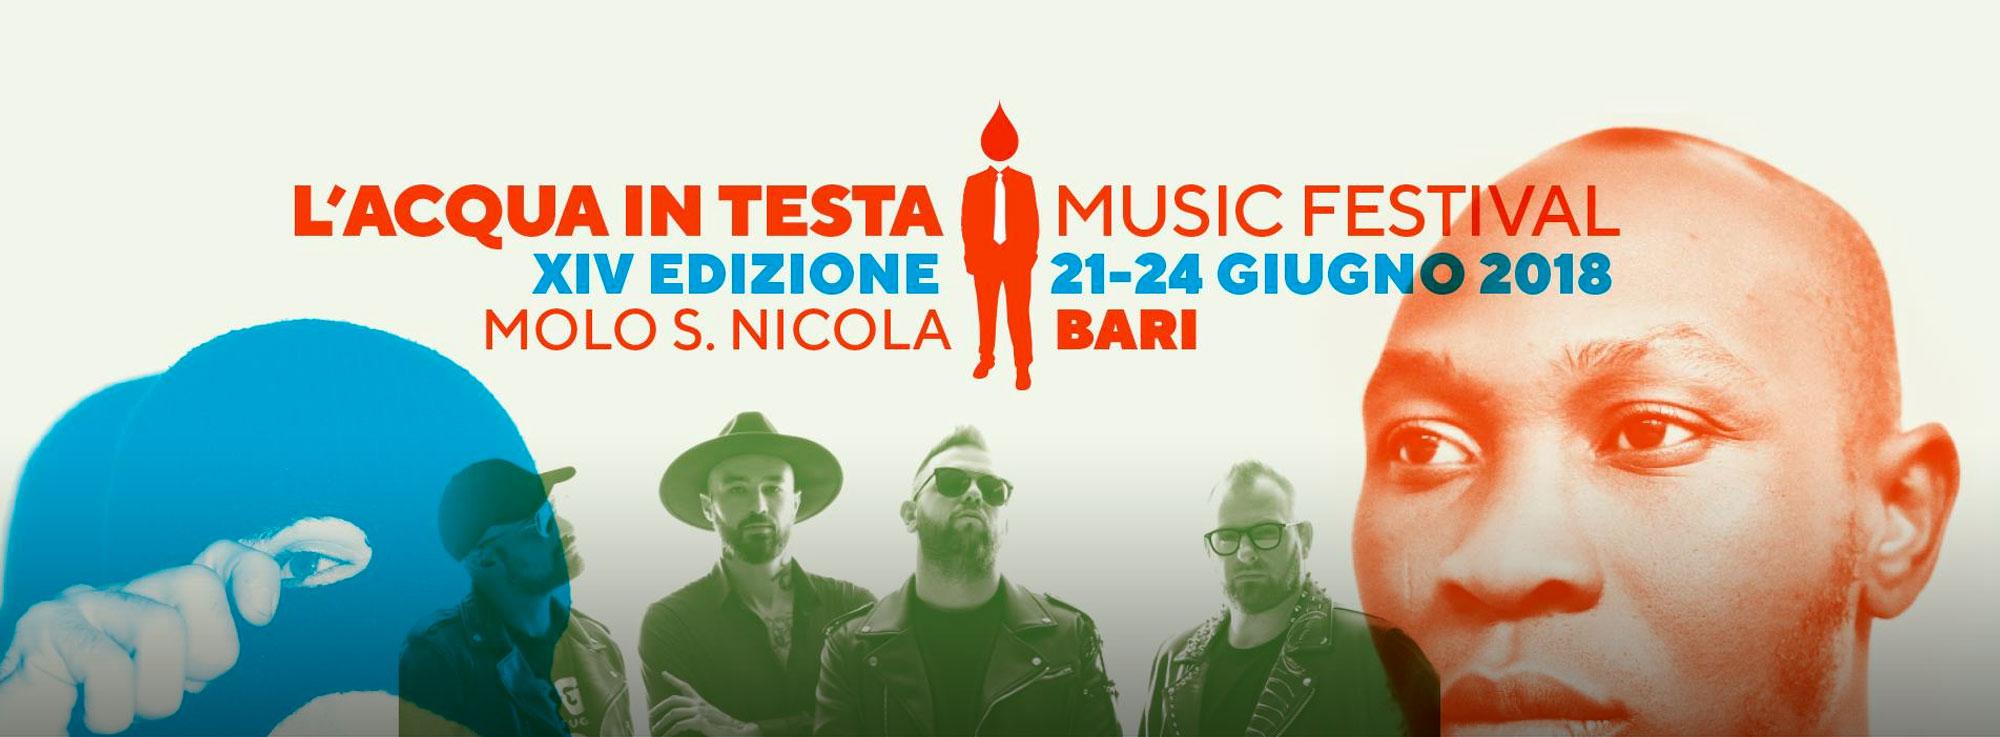 Bari: L'Acqua in Testa Music Festival